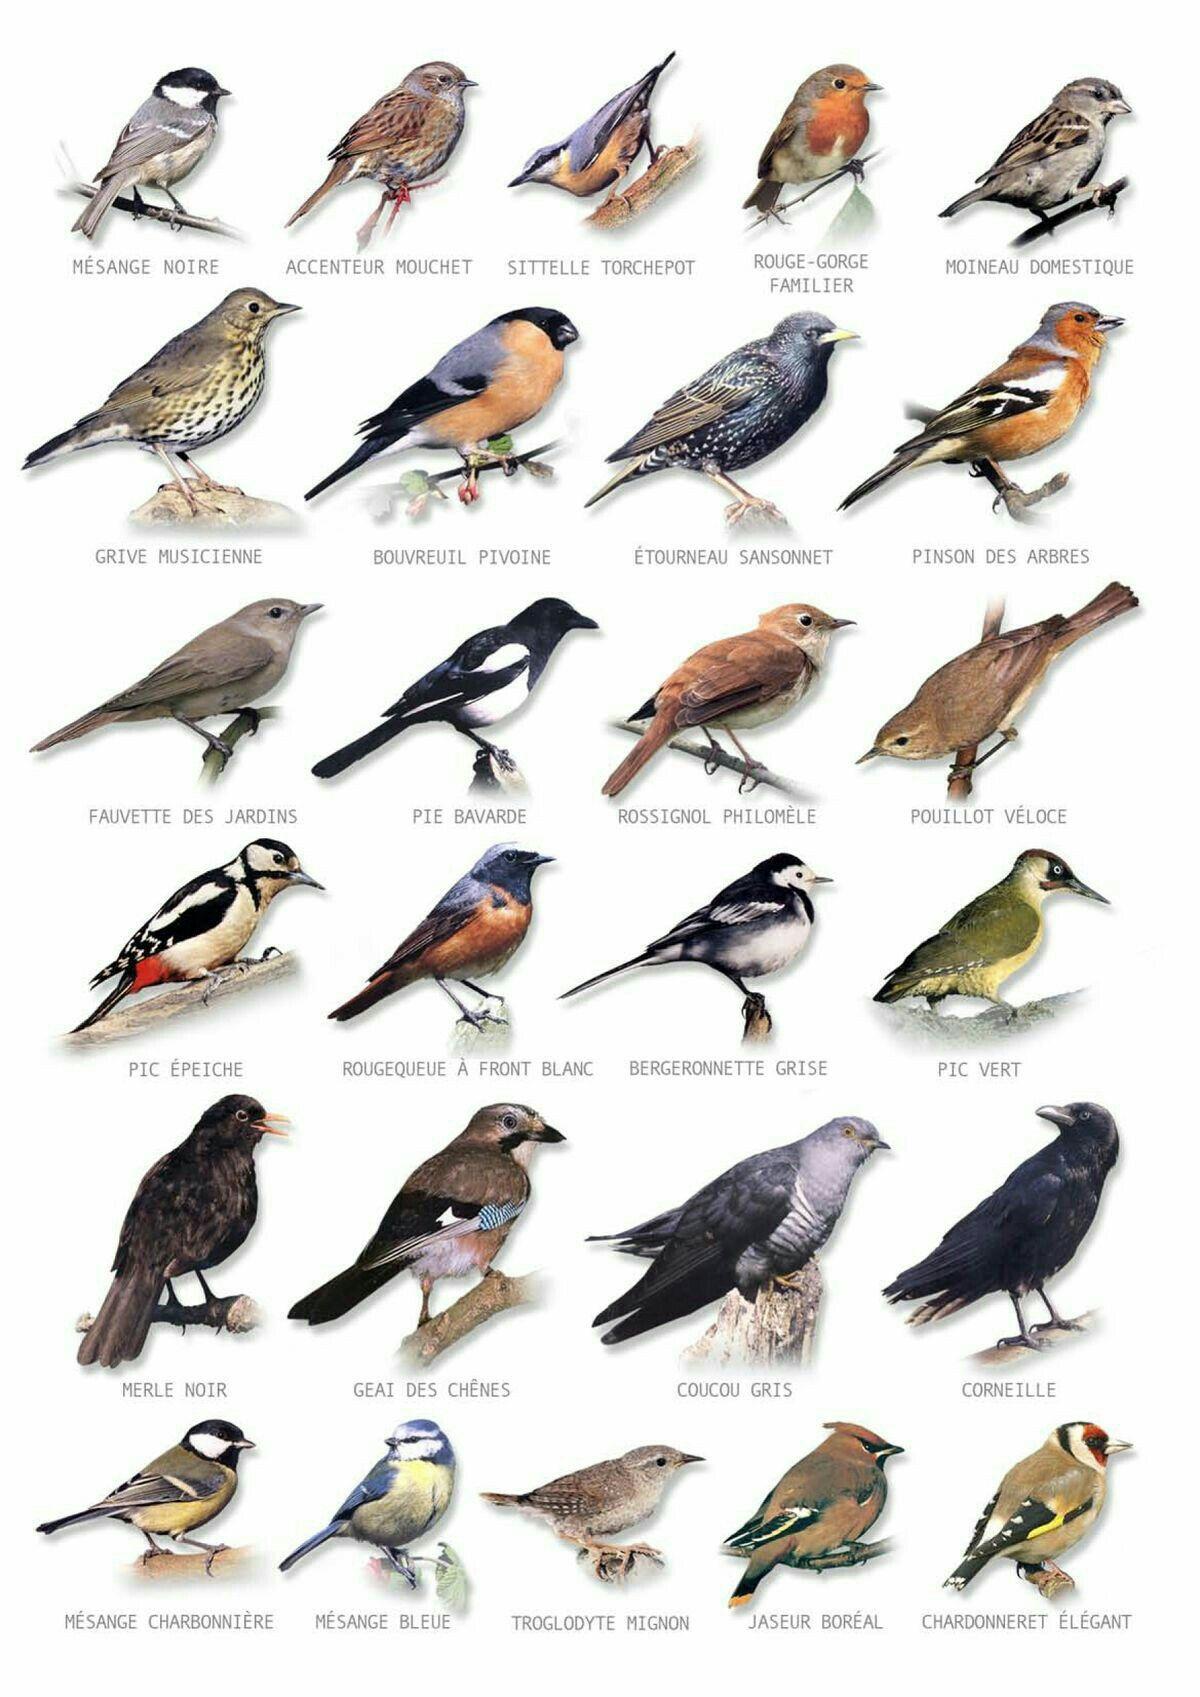 Oiseaux De Chez Nous Oiseaux Des Jardins Oiseaux De France Identification Des Oiseaux